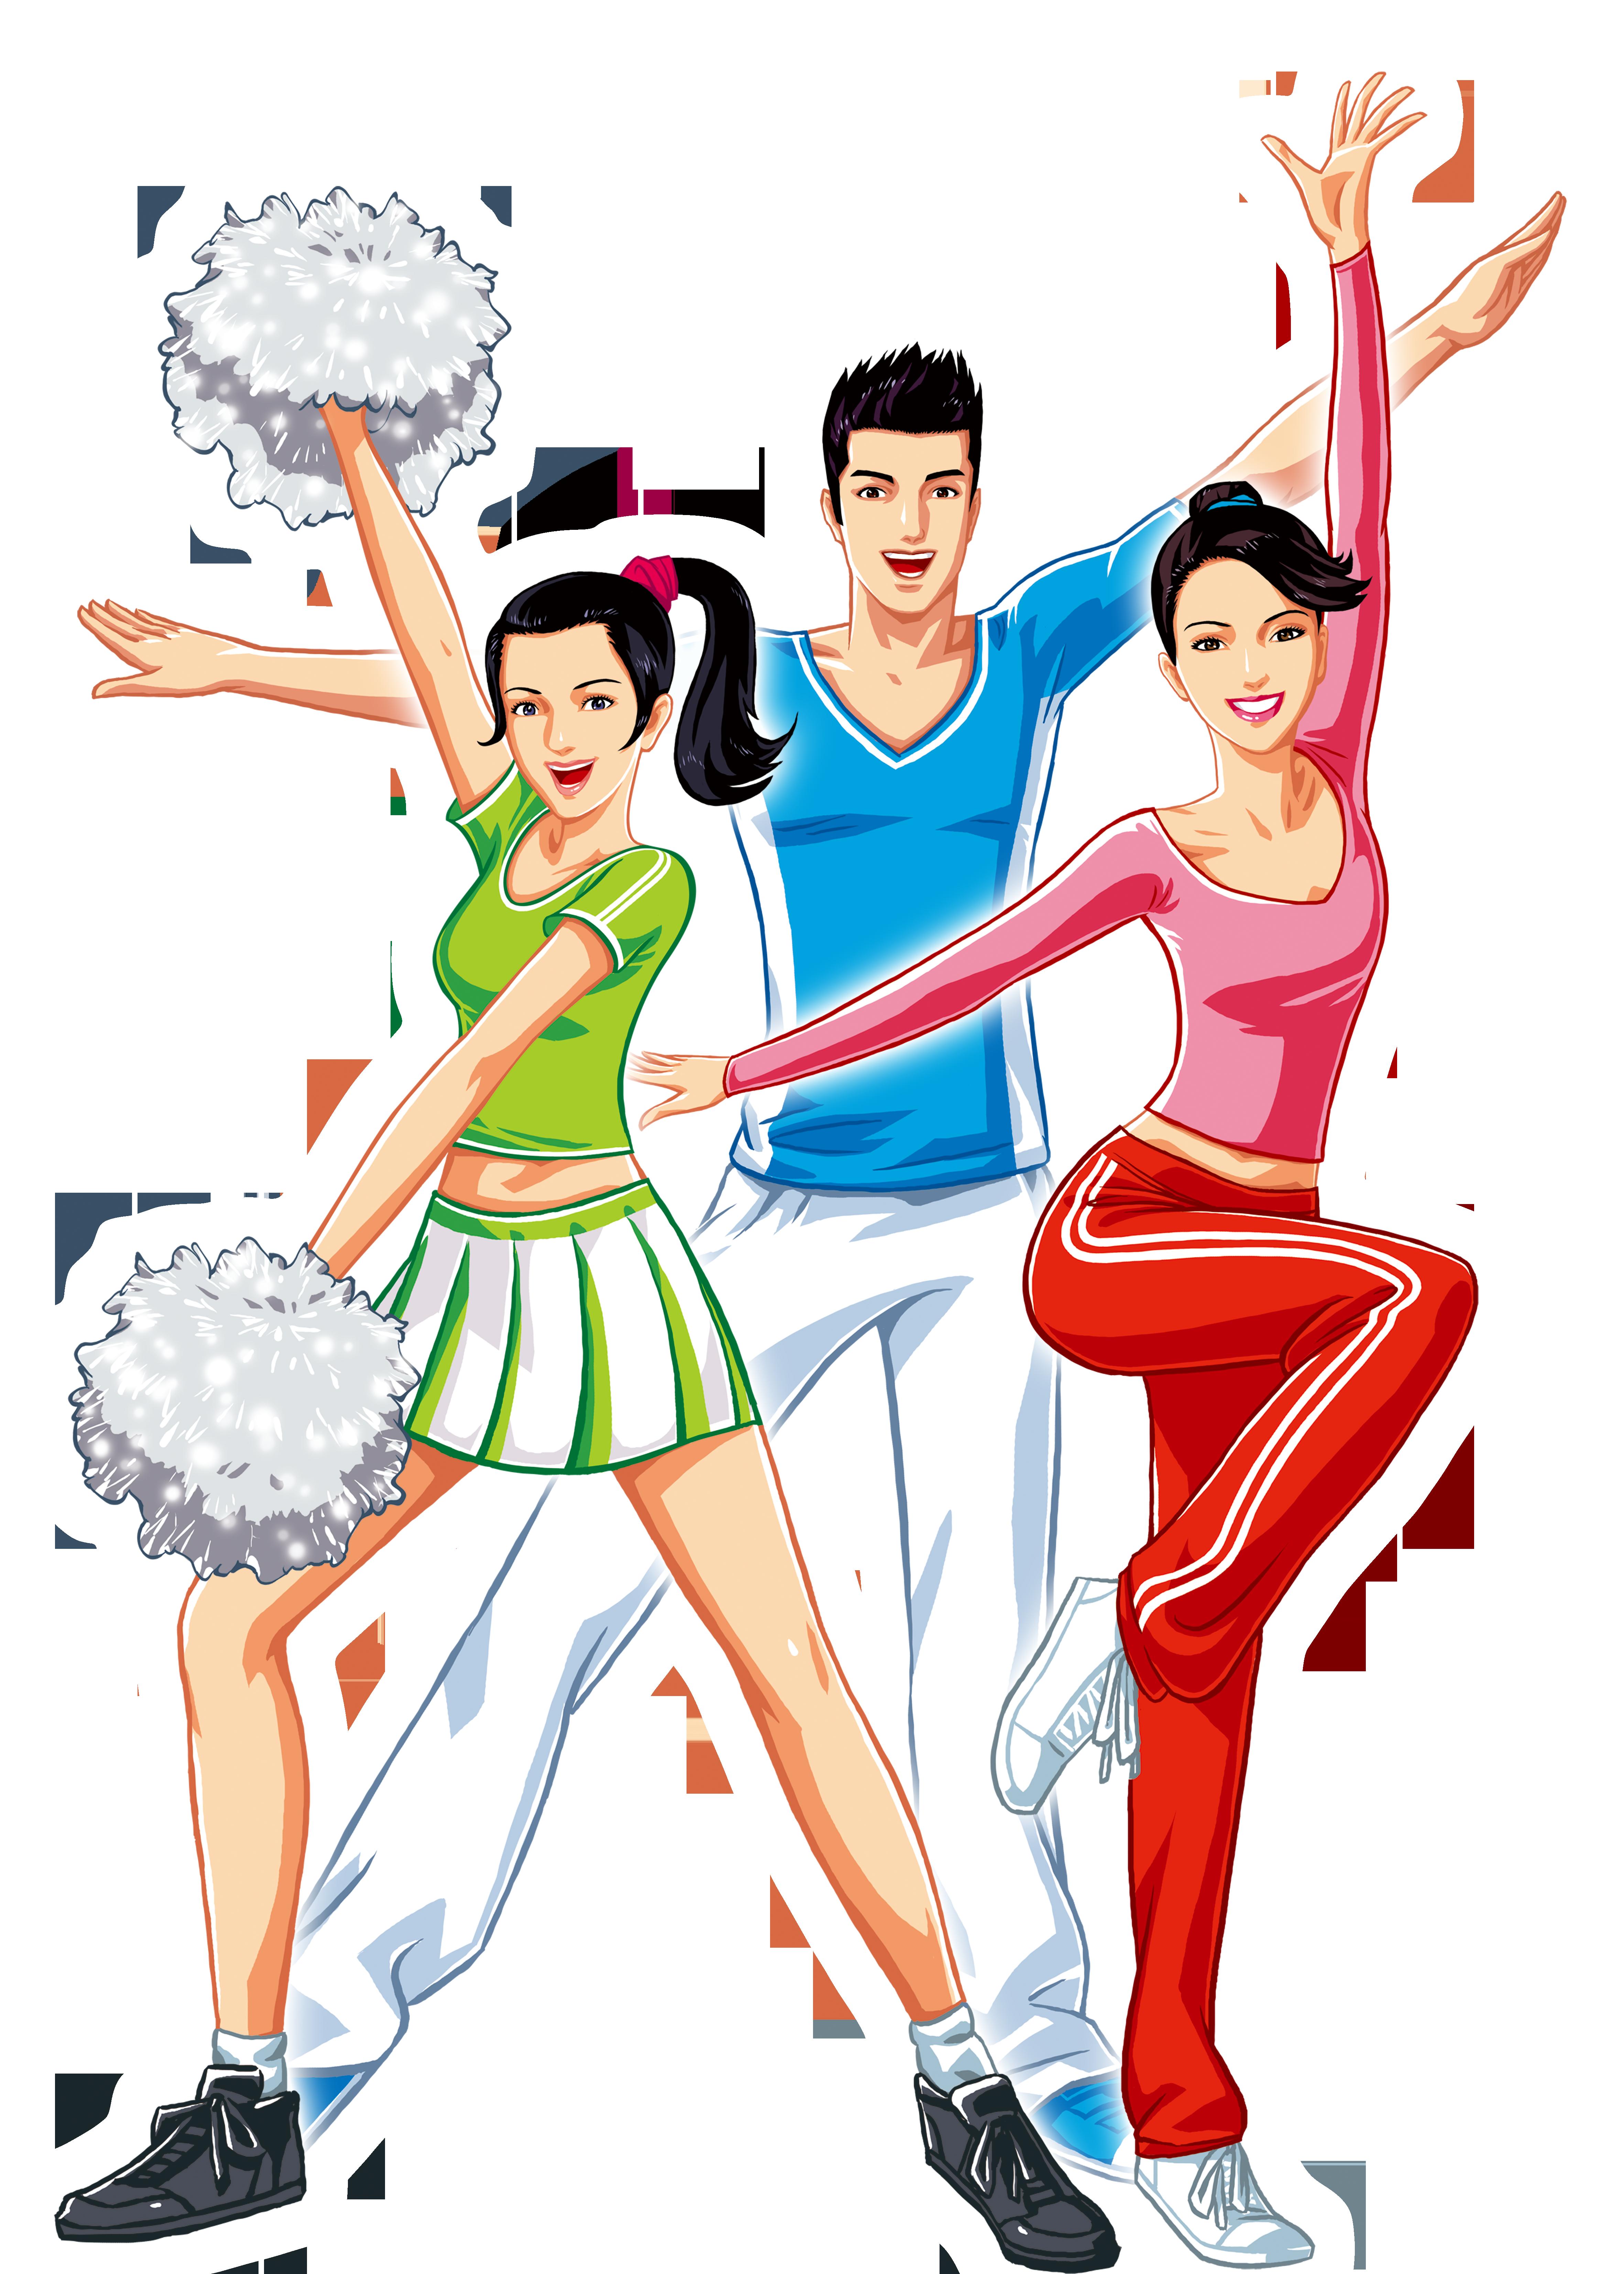 Gymnastics clipart dance cheer. Cartoon poster download cheerleading